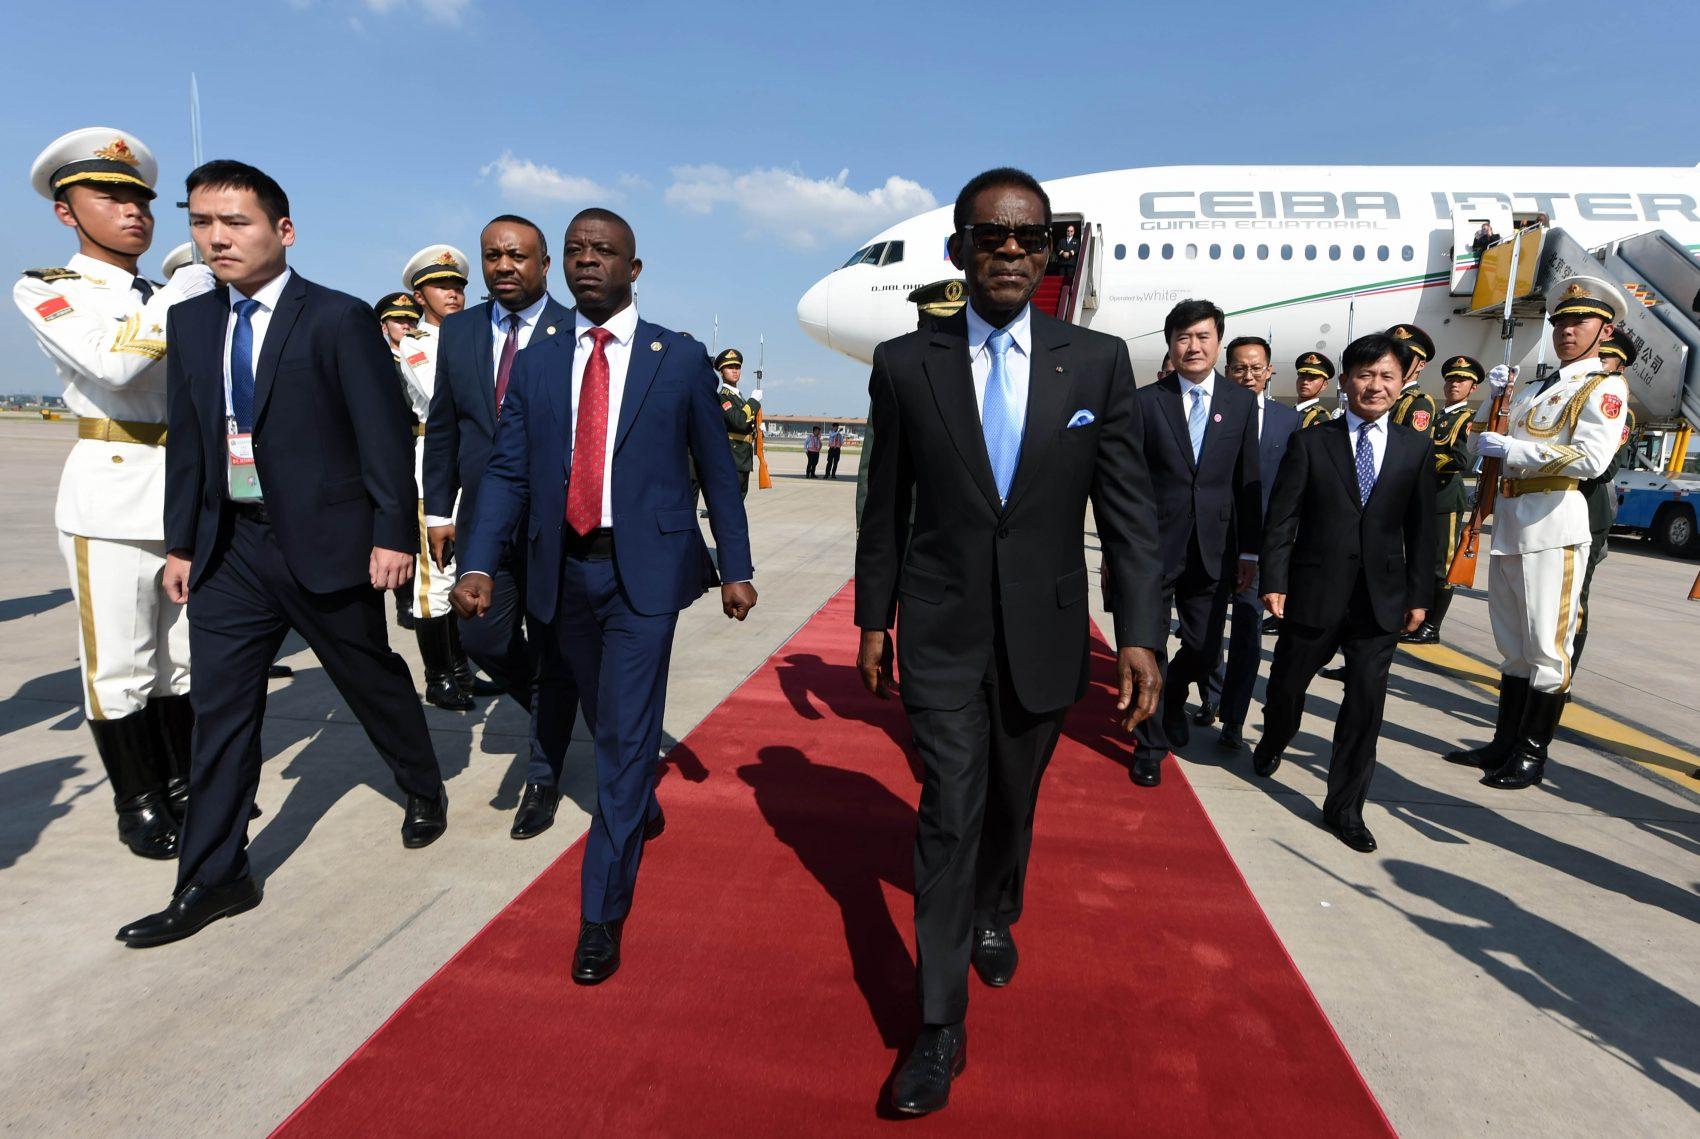 Teodoro Obiang Nguema Mbasogo em visita a Beijing no ano passado: presidente da Guiné Equatorial completa, em agosto, quatro décadas de poder, após derrubar com um golpe o próprio tio, e tem recorde mundial de permanência no cargo,(Foto: Xinhua/Wang Jianwei)